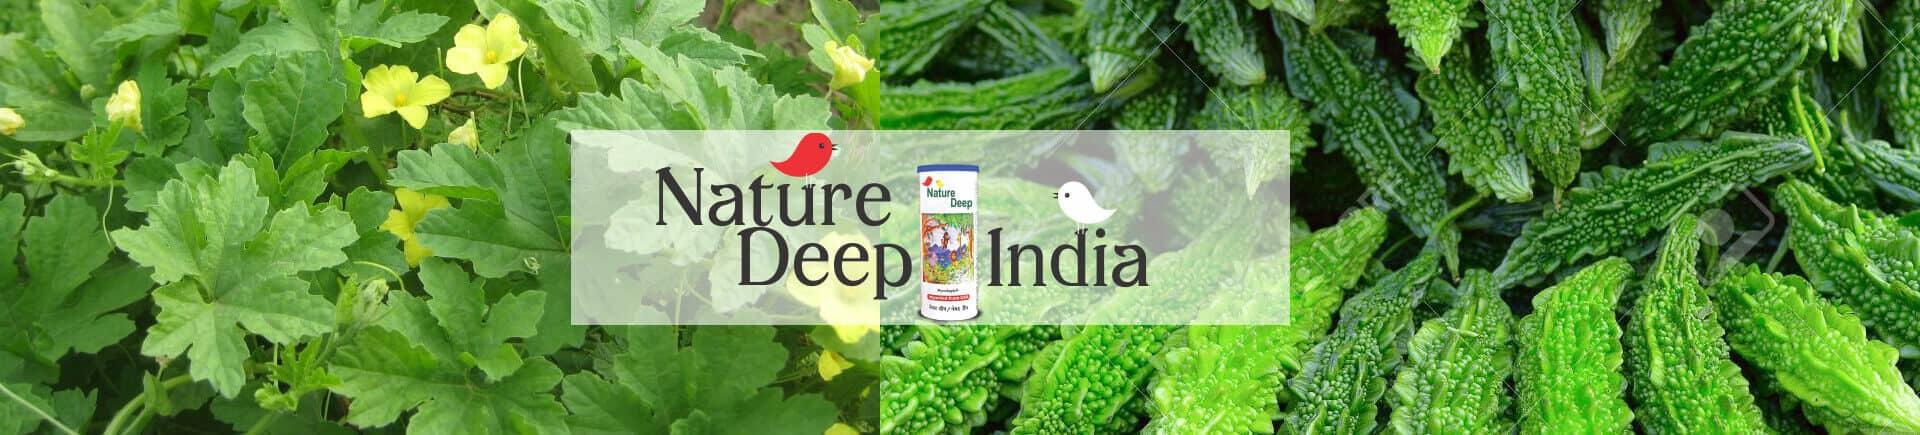 sumitomo naturedeep for bitter gourd crop desktop banner